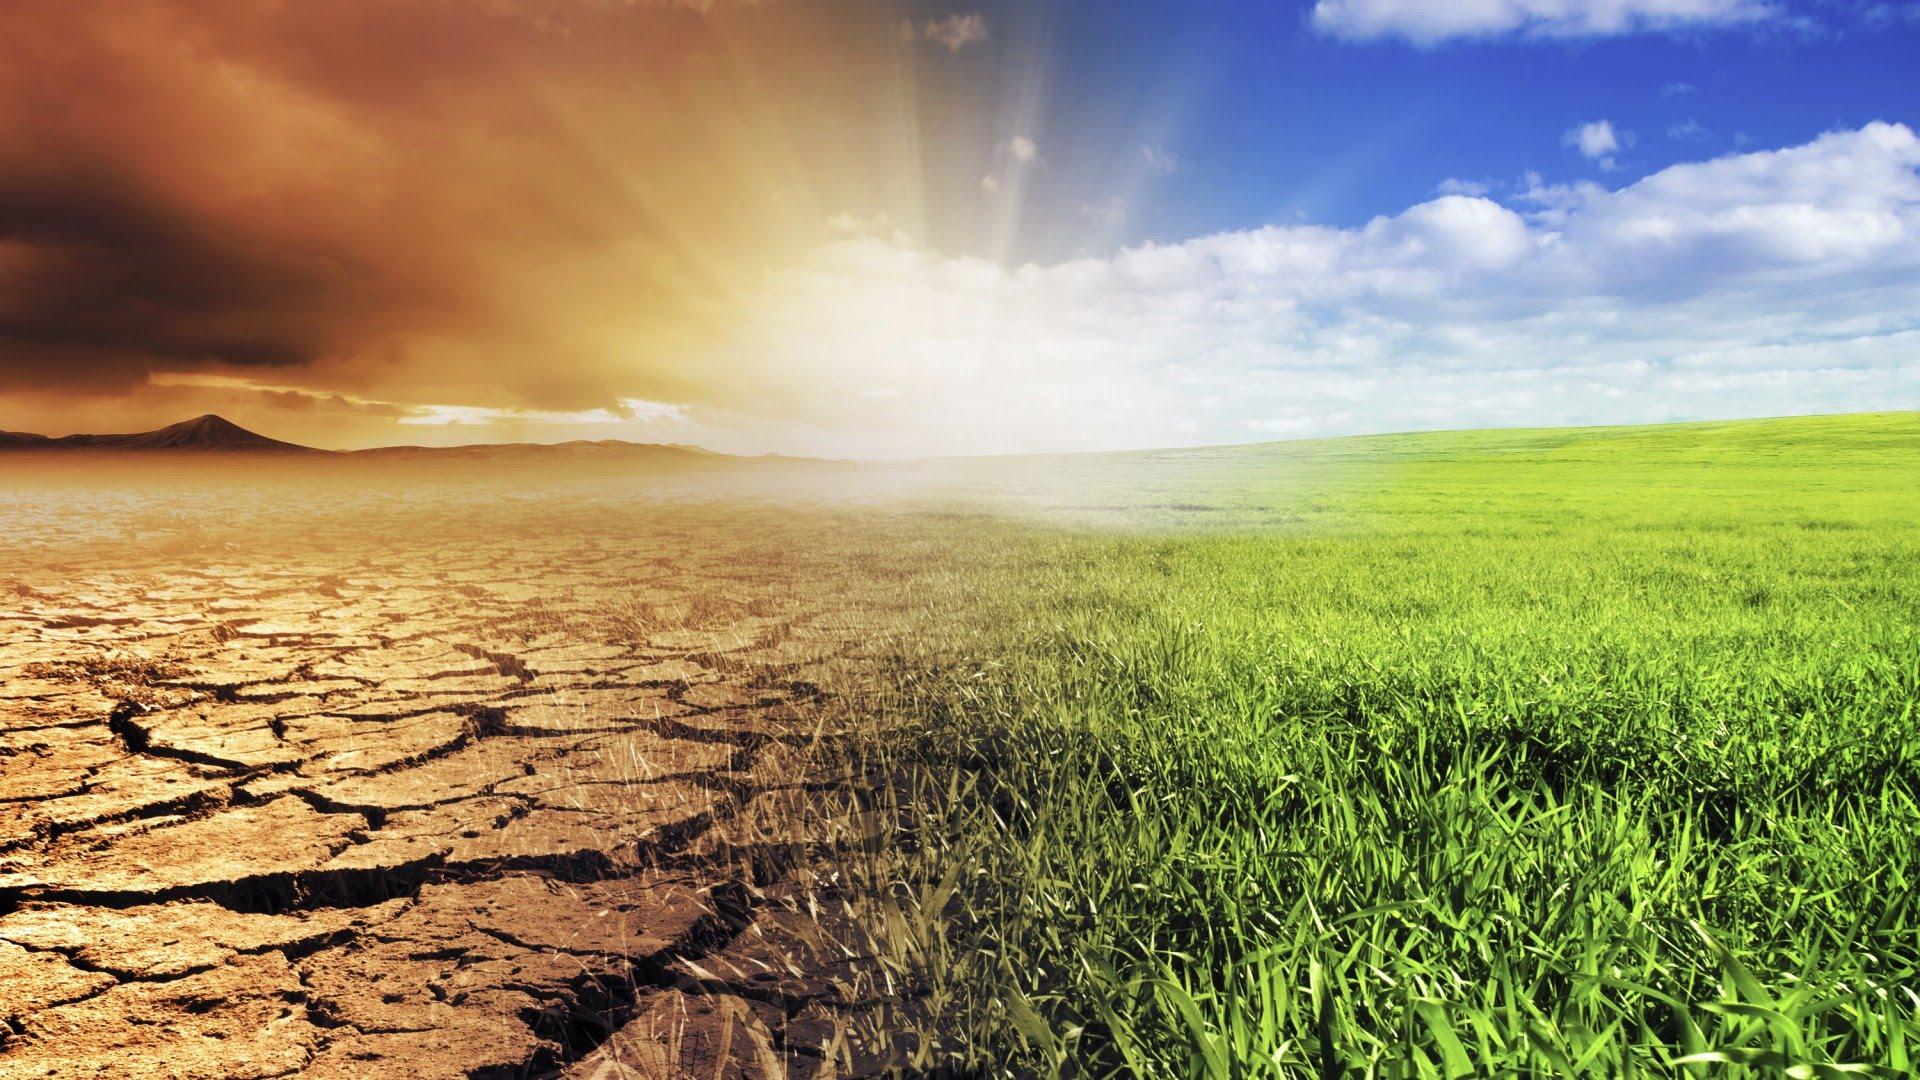 Liderii lumii se reunesc în Polonia pentru a discuta despre efectele schimbărilor climatice